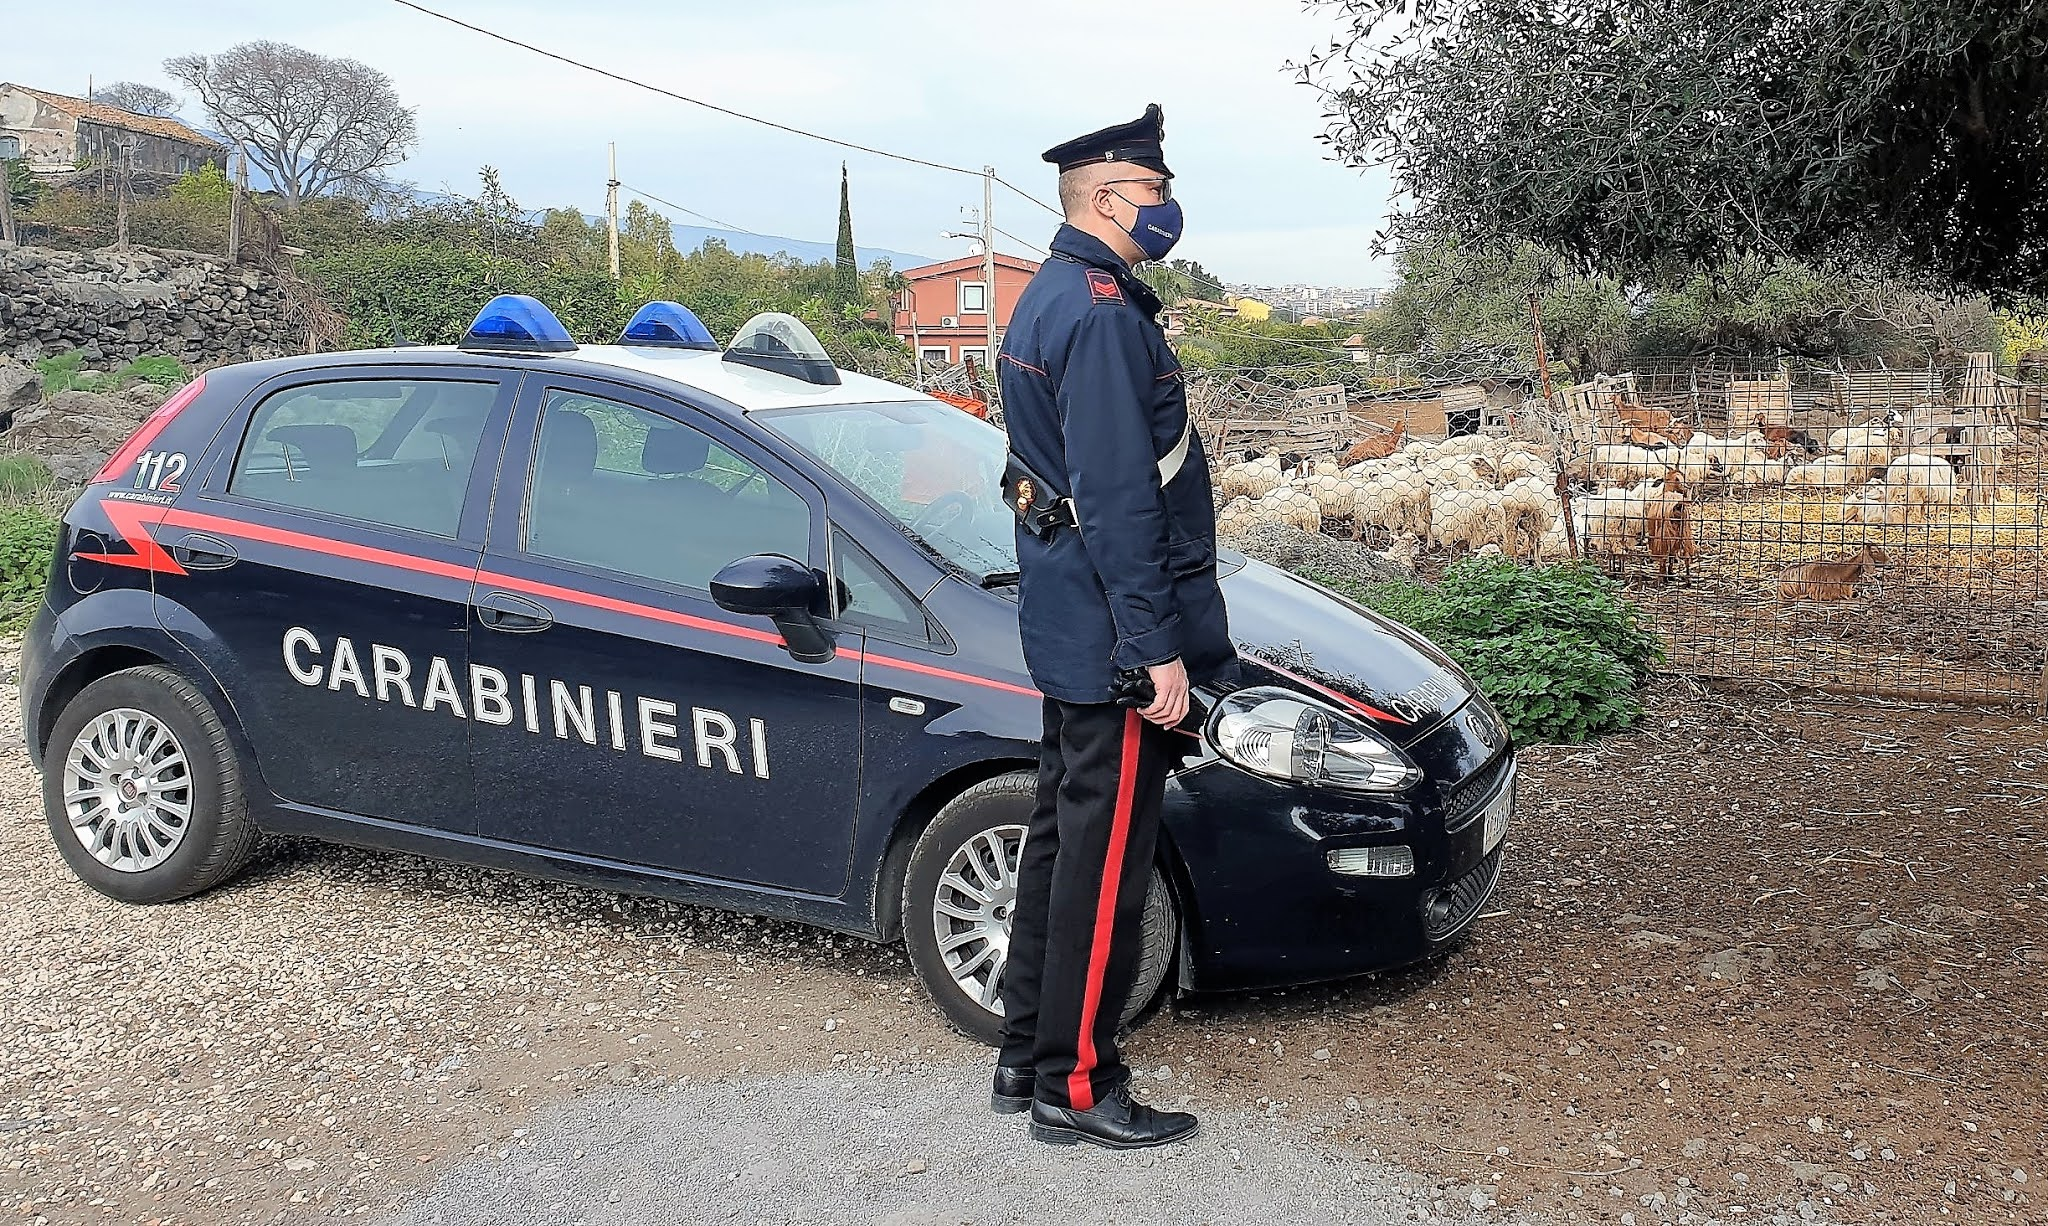 Sequestro caseificio allevamento Carabinieri